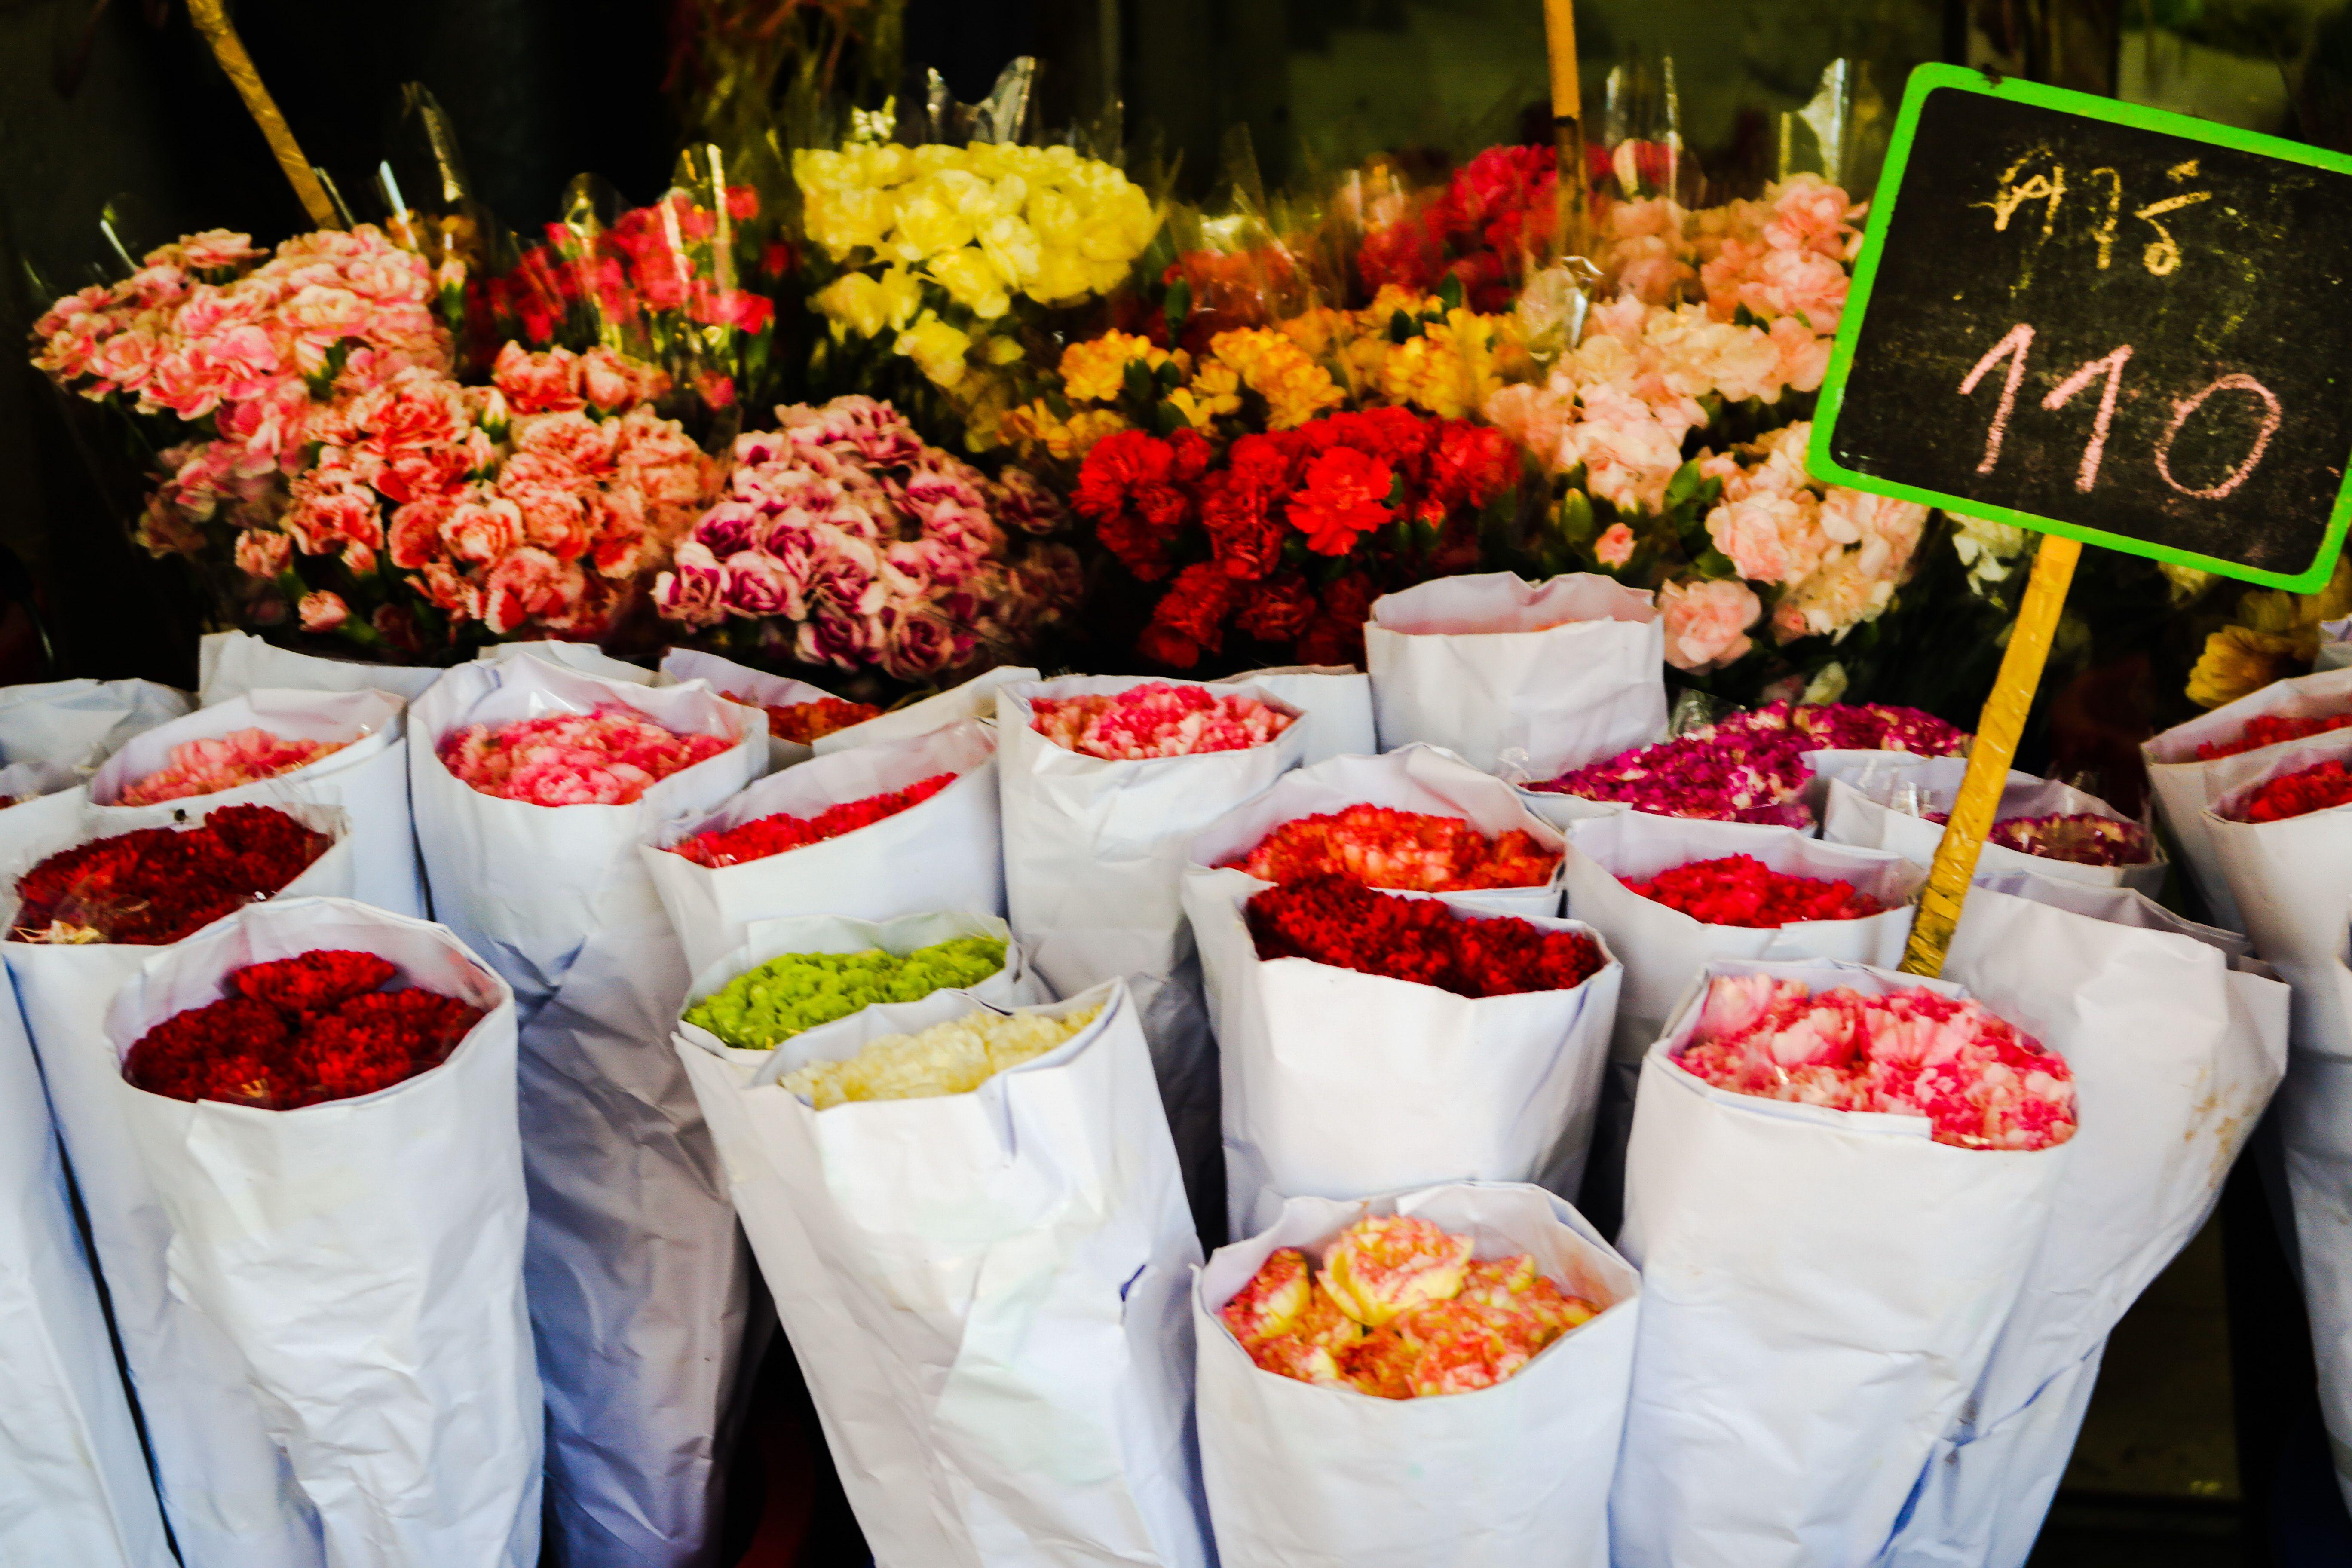 Flores pra levar pra casa. No mercado de rua de Bangkok, na Tailândia.